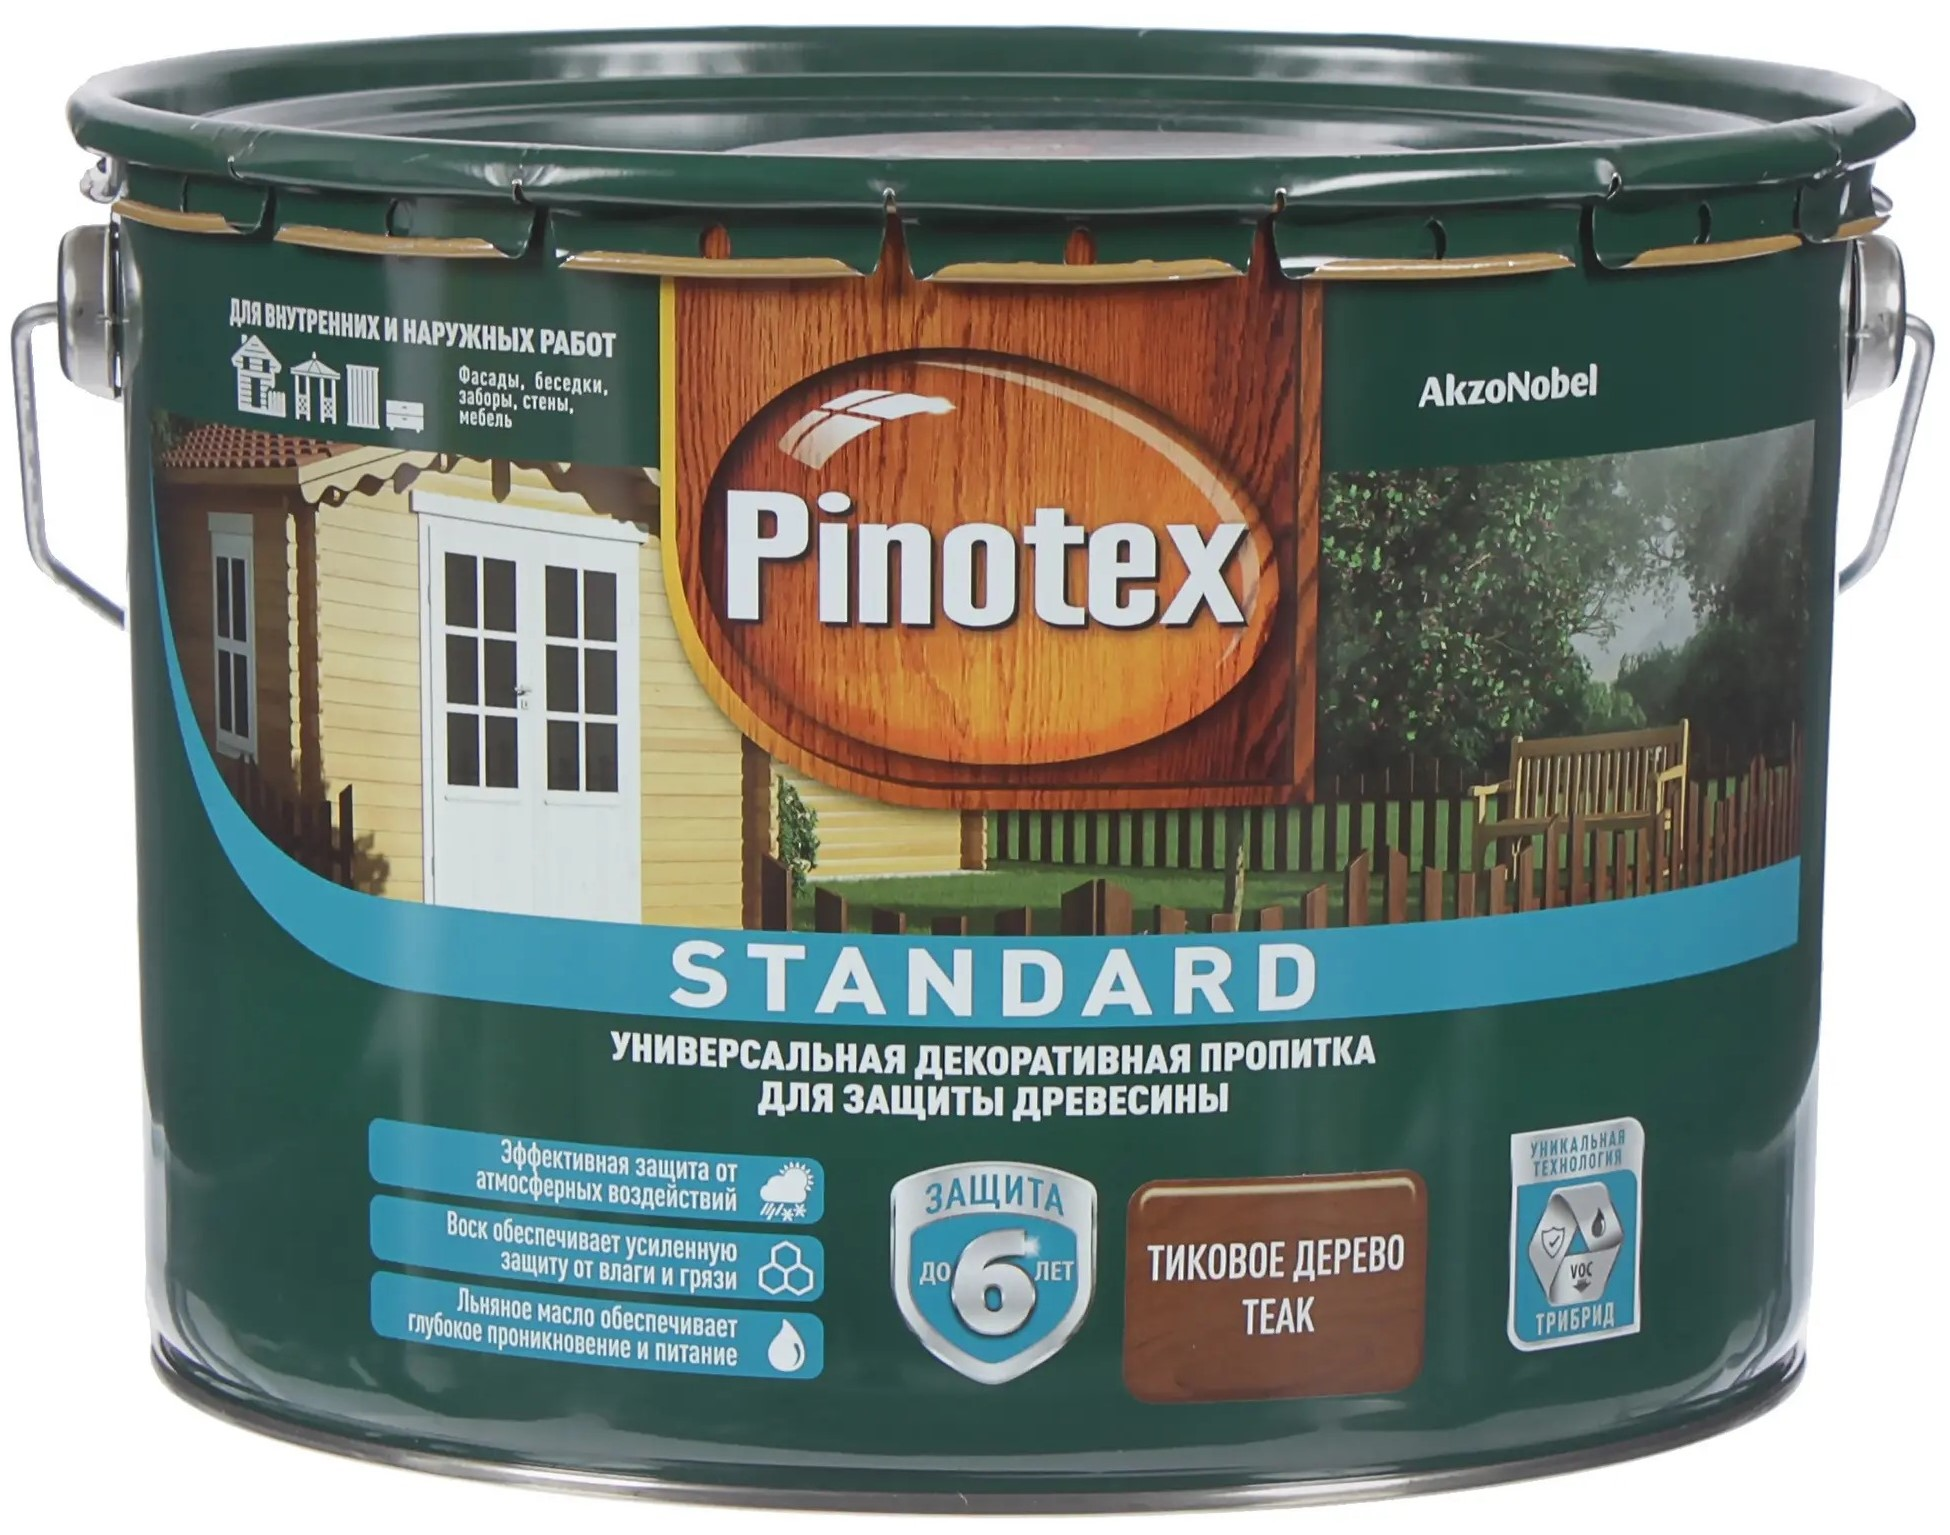 Pinotex Standard, 9 л, Антисептик